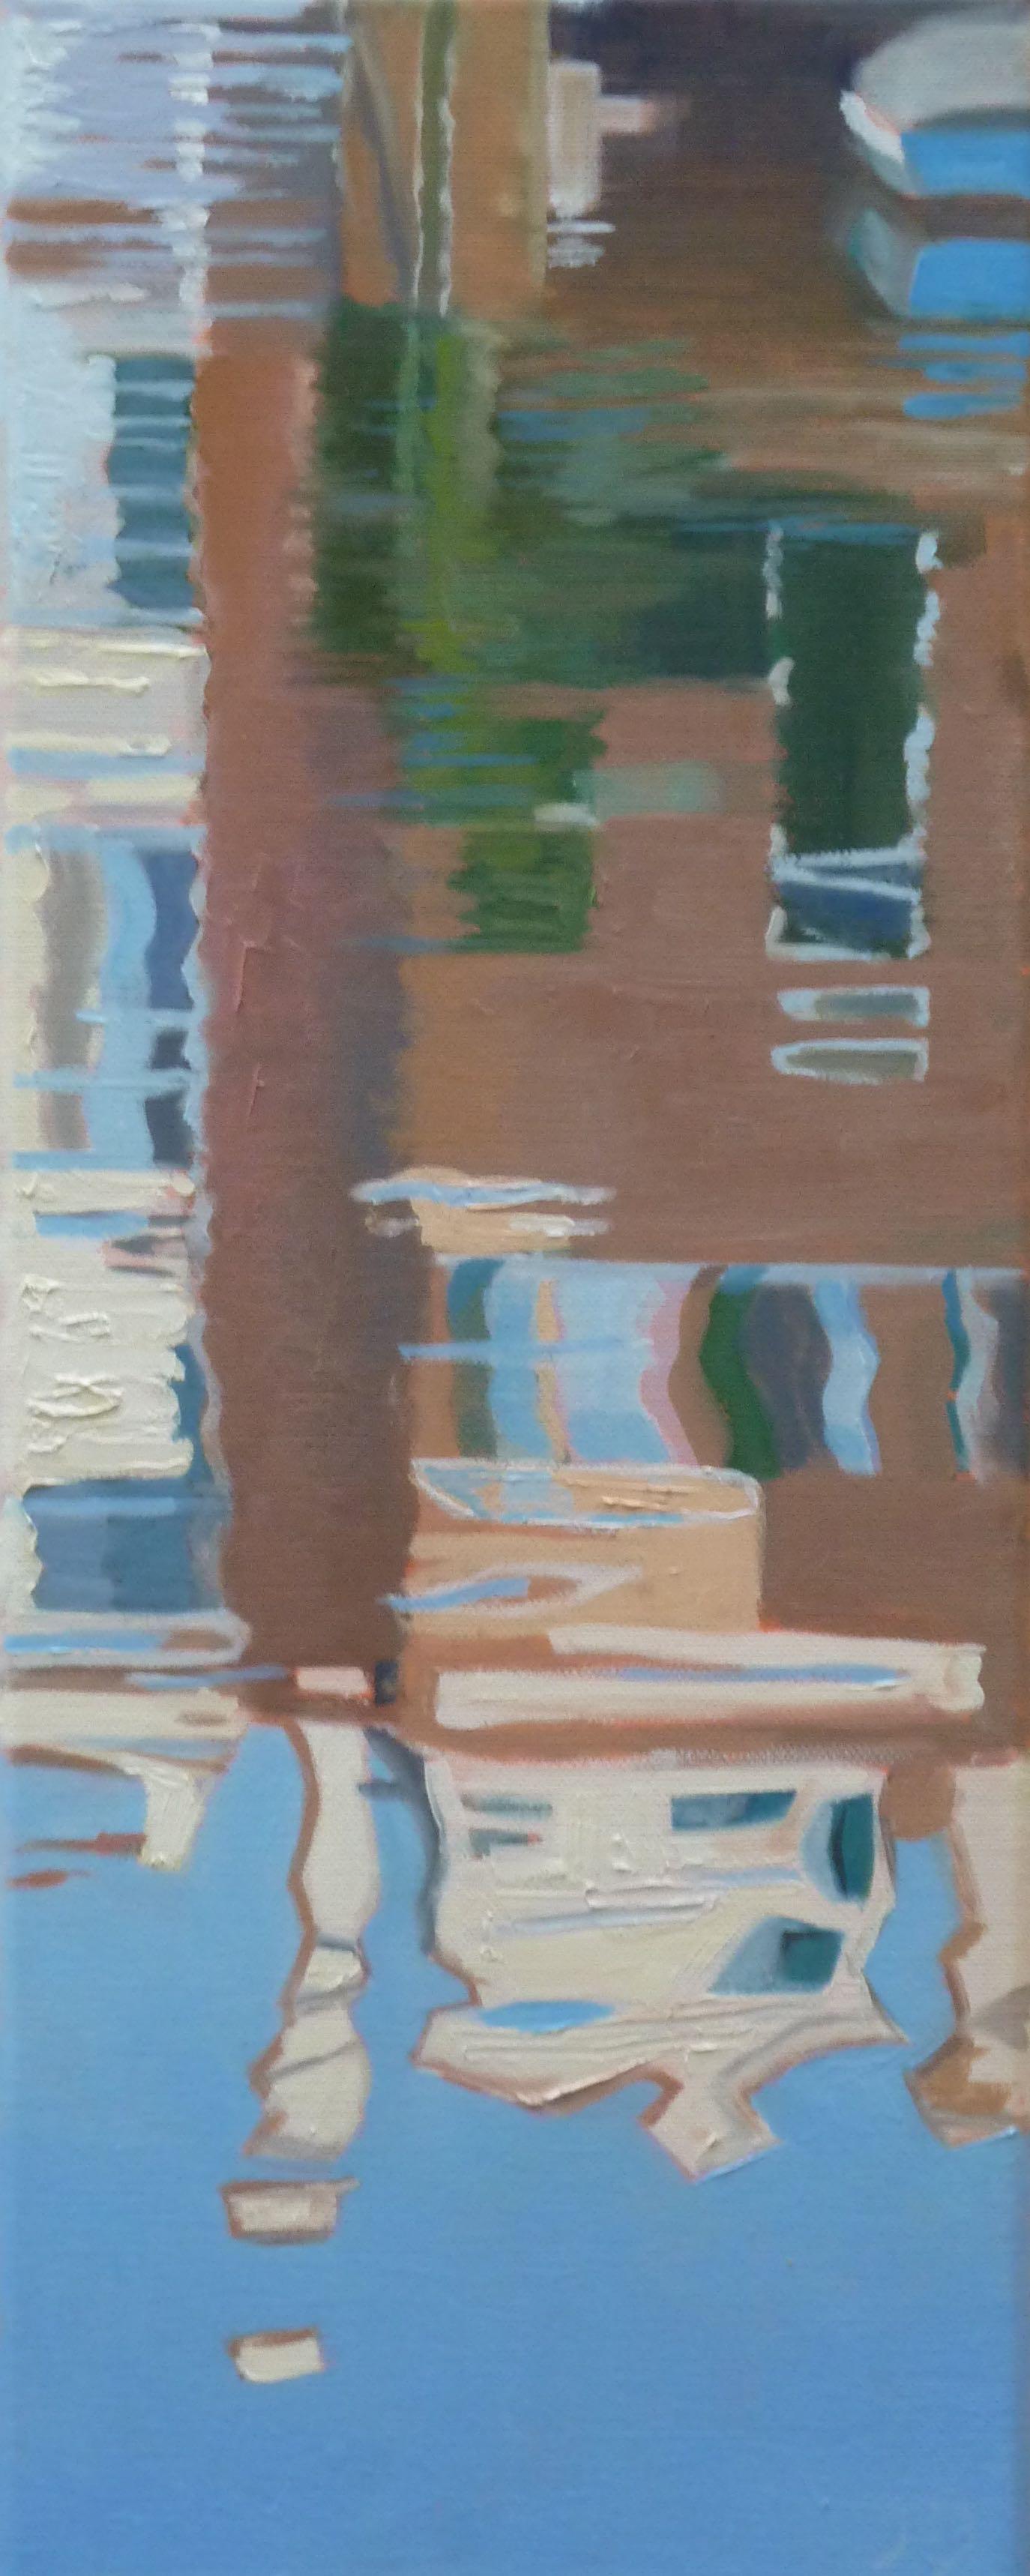 Venetië weerspiegeling 2, 50/20 cm, olieverf op doek